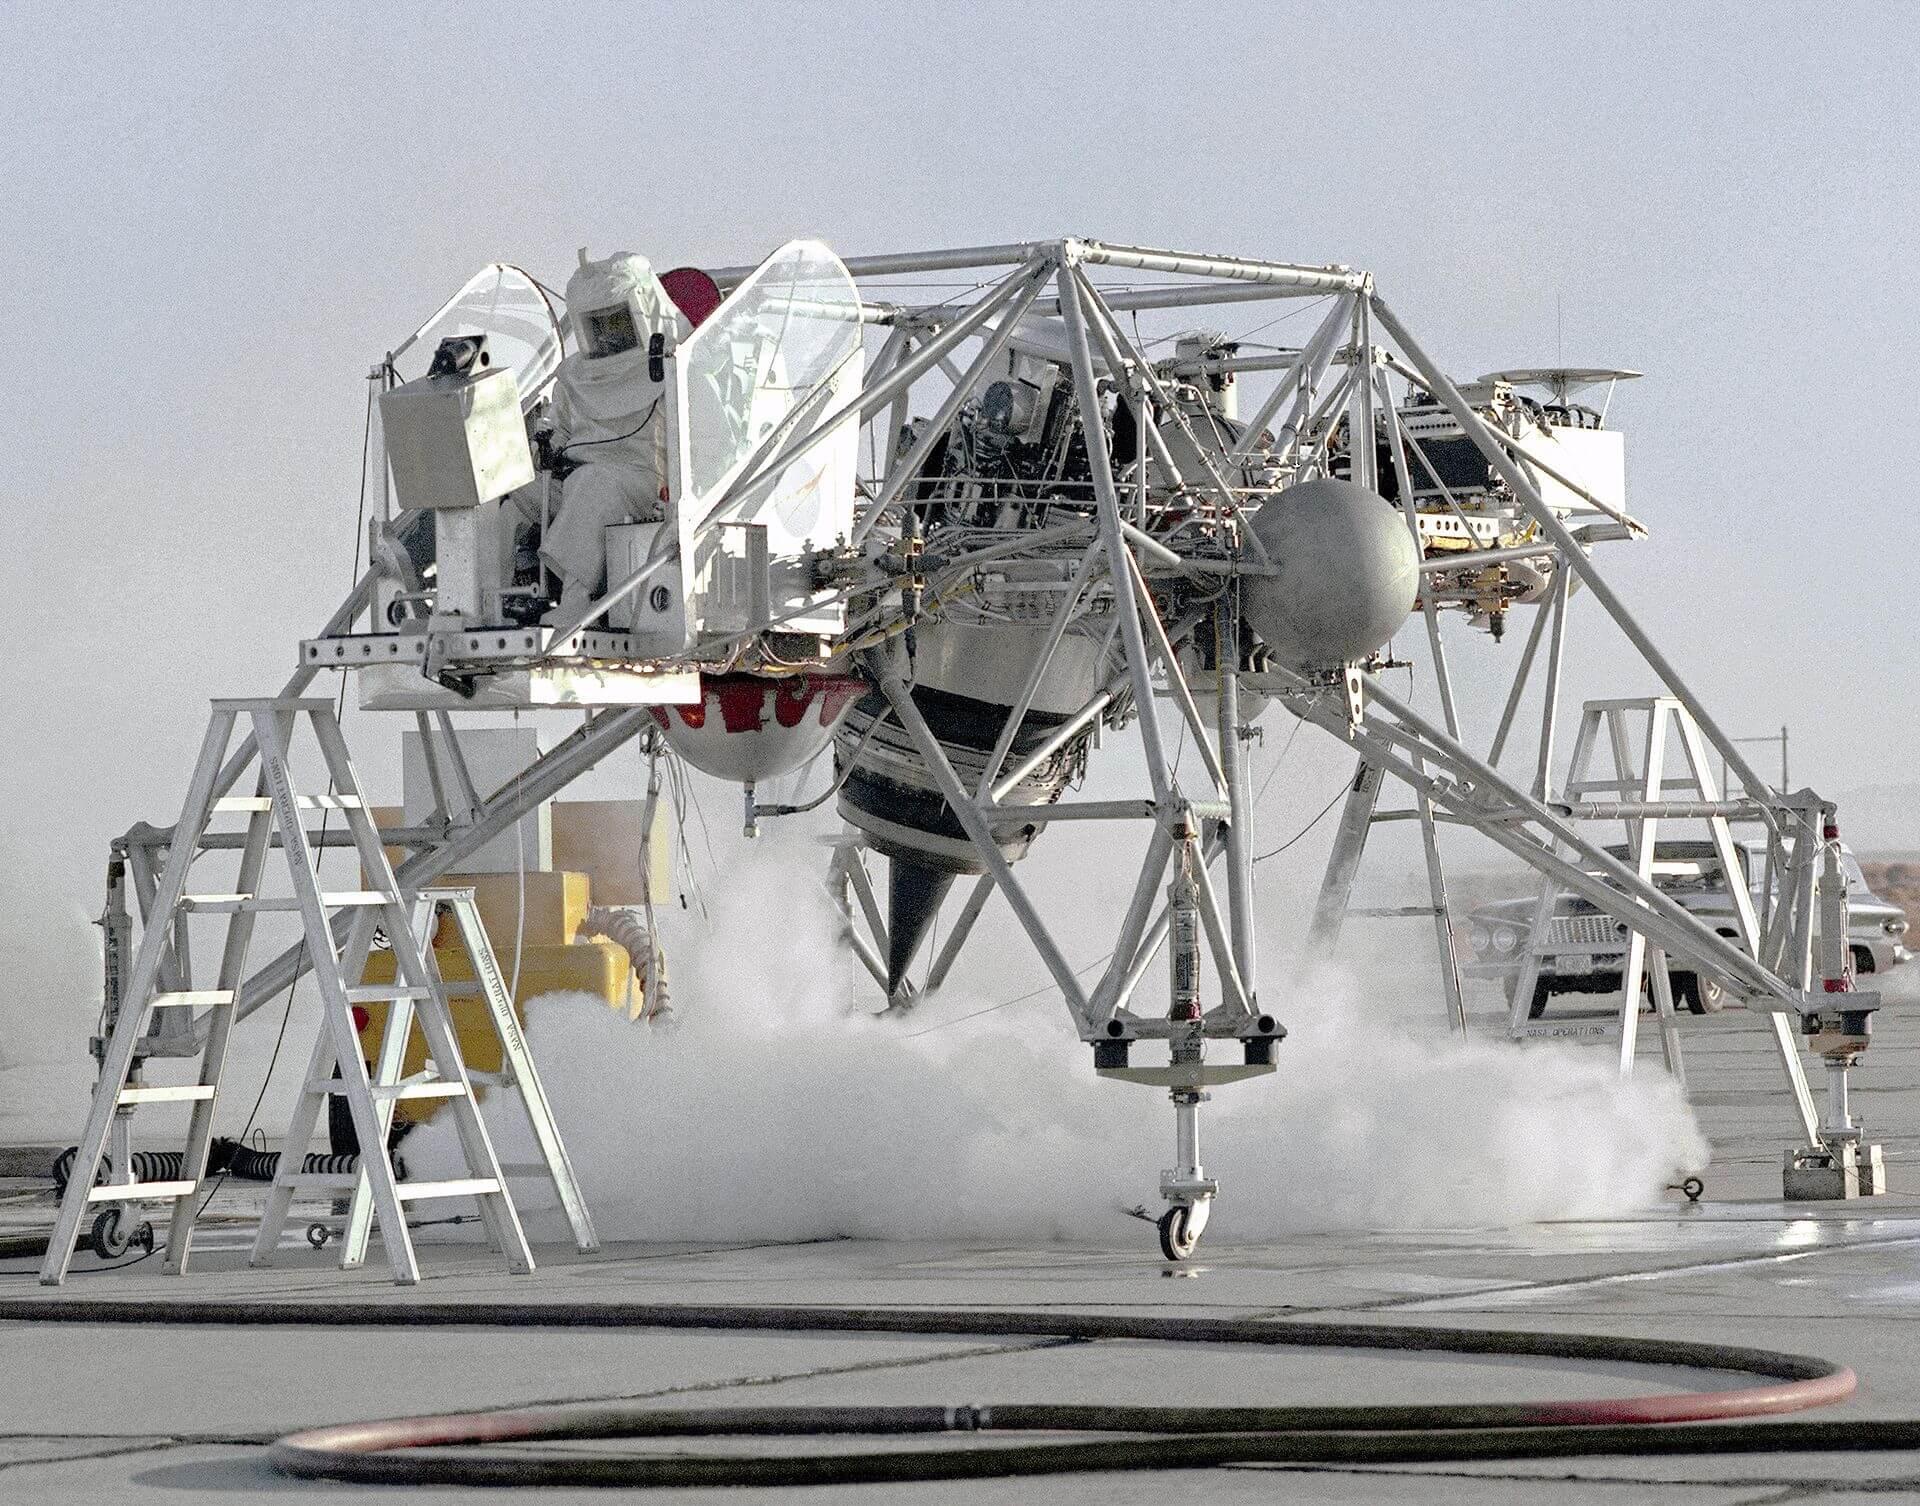 Что общего между американским тренажером для посадки на Луну и советским турболетом 1955 года